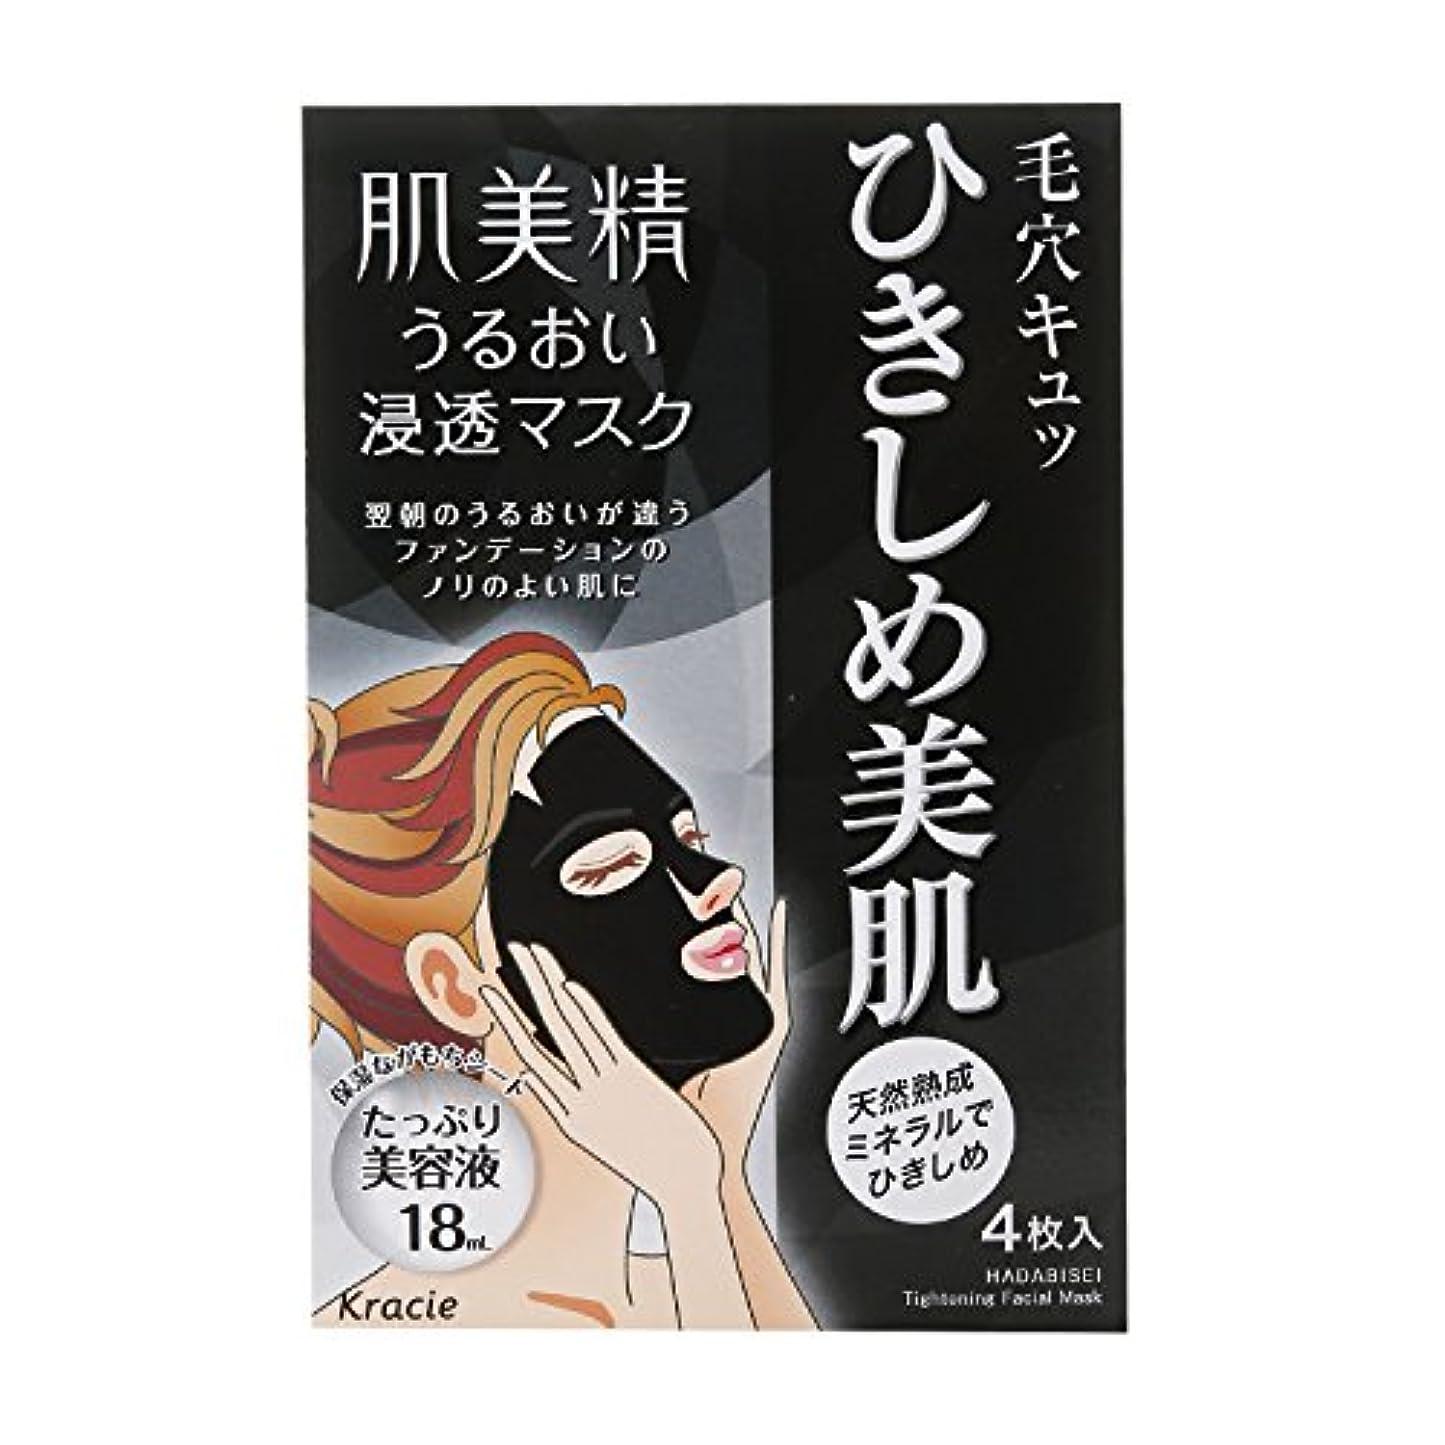 提案適応するラフ肌美精 うるおい浸透マスク (ひきしめ) 4枚